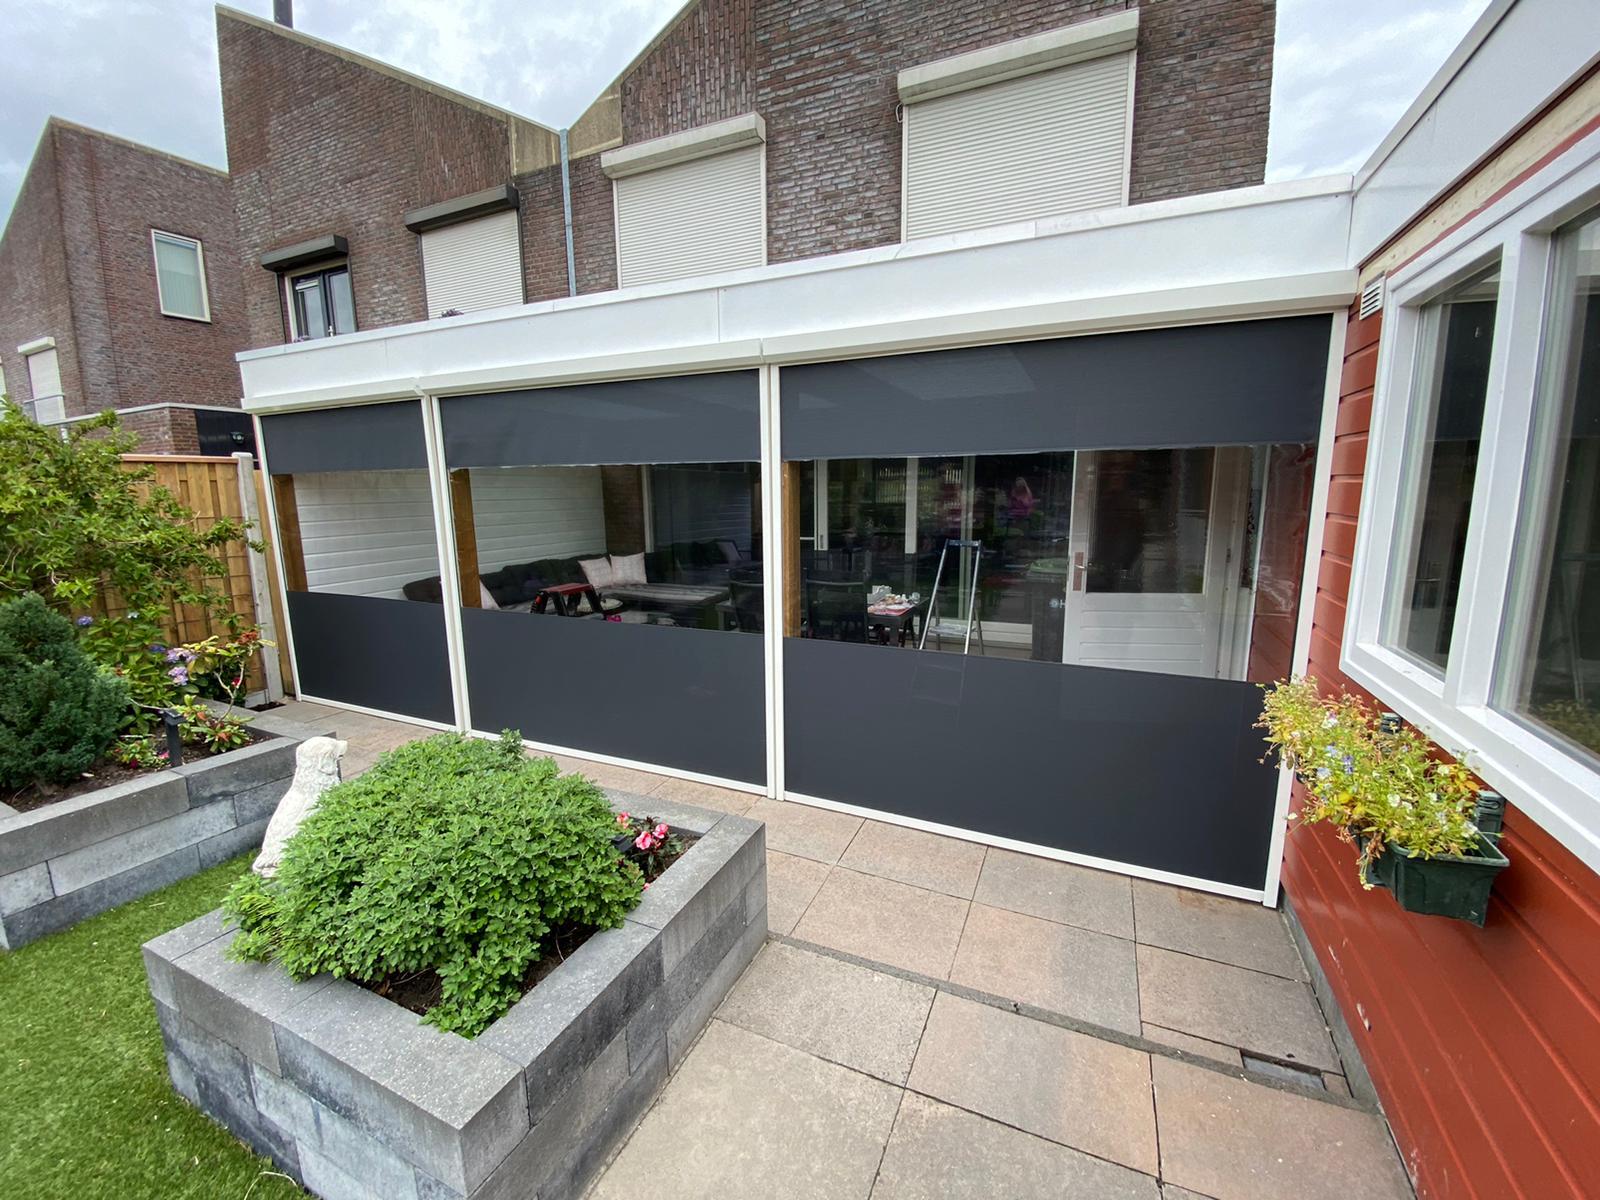 Veranda screens en zipscreens op maat bij Van Ewijk Zonwering in Lelystad Dronten Swifterbant en Almere 00